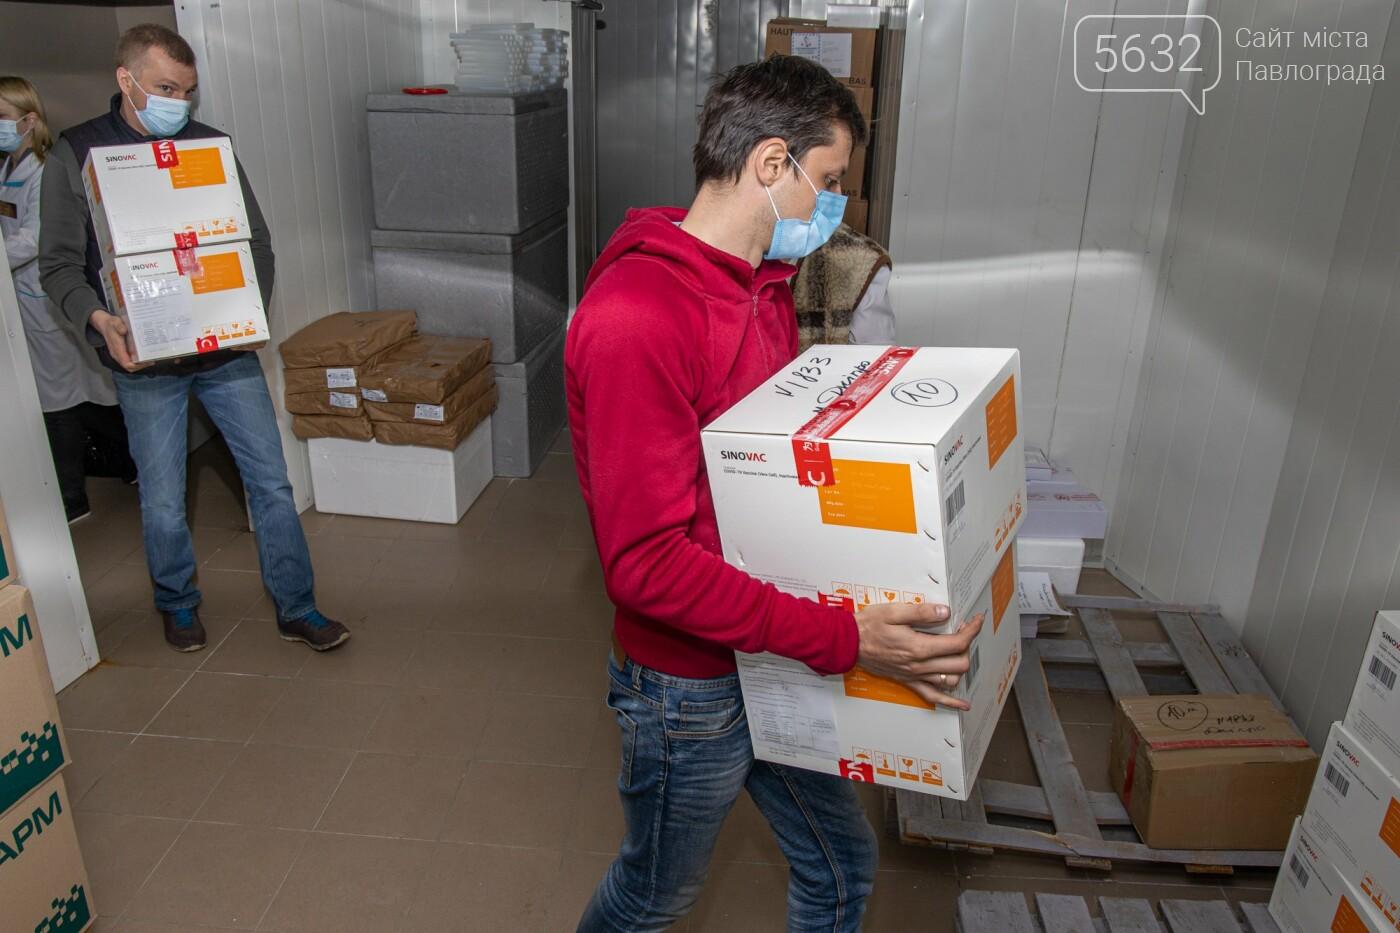 Днепропетровщина получила более 11,5 тыс. доз китайской вакцины от коронавируса, фото-2